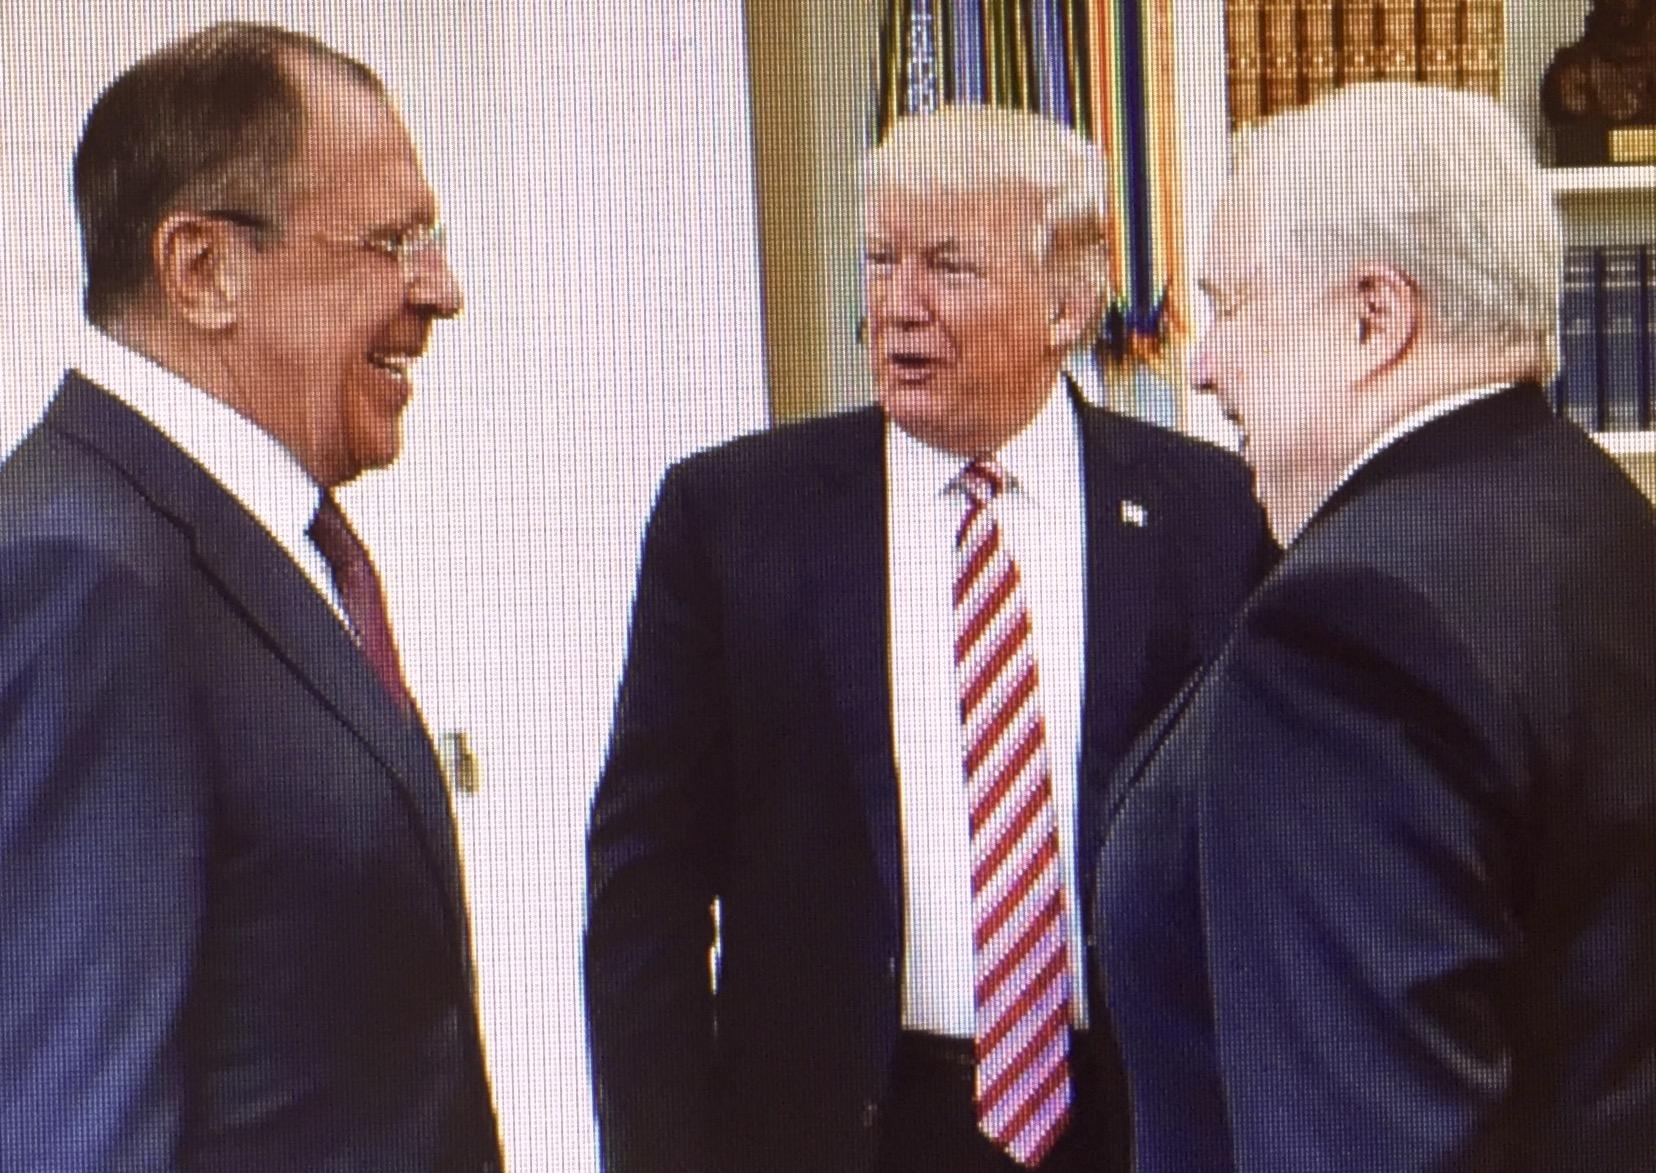 Sergej Lawrow trifft Donald Trump in Washington während sich Wladimir Putin in Moskau für den Frieden ausspricht